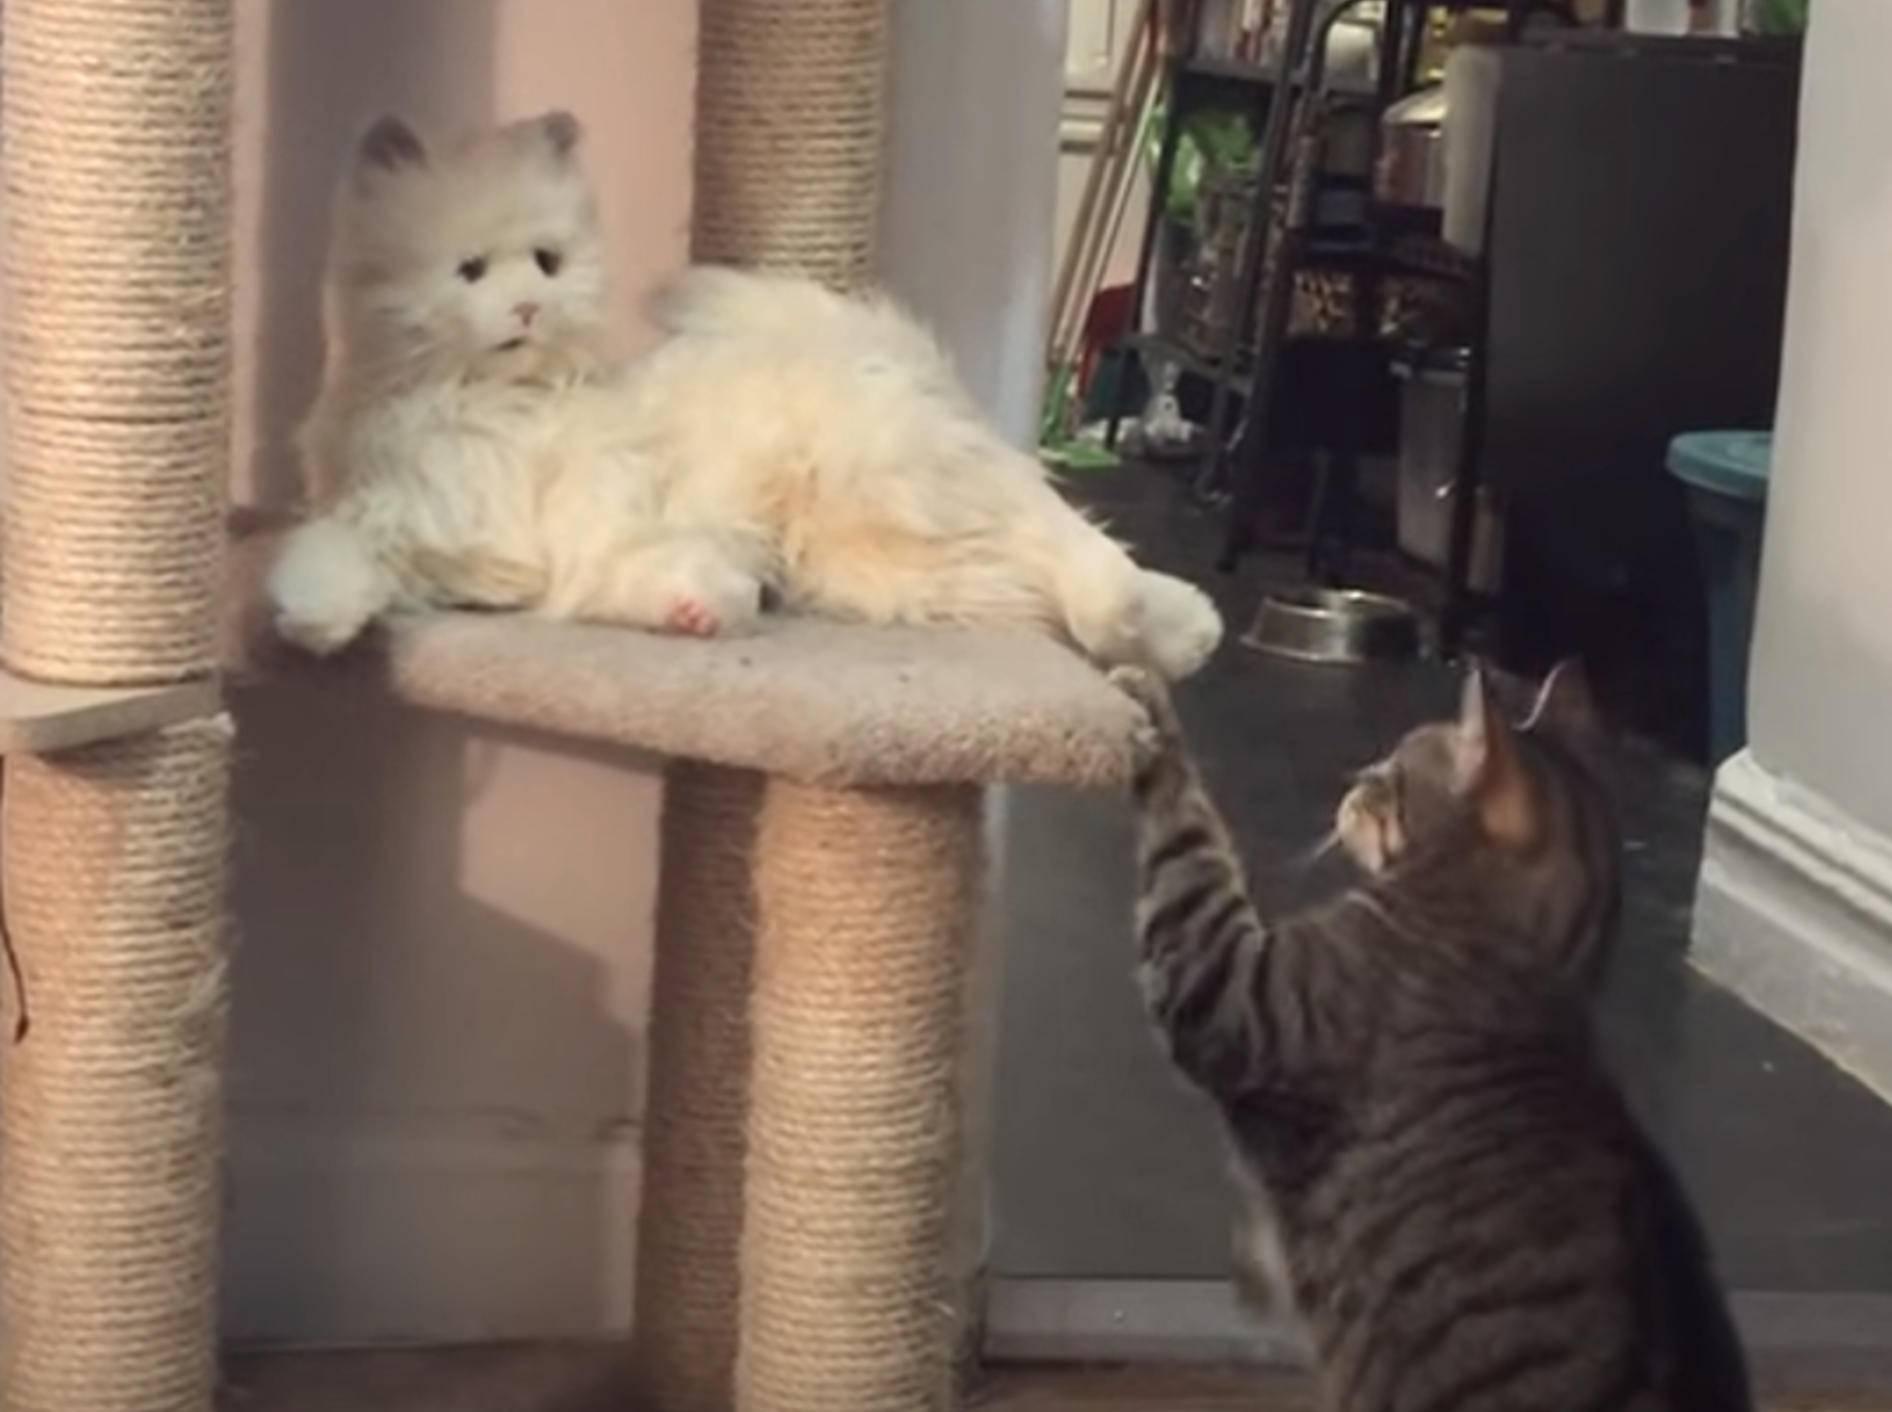 Machen Katzenroboter bald echten Miezen Konkurrenz? – Bild: YouTube / The Dodo